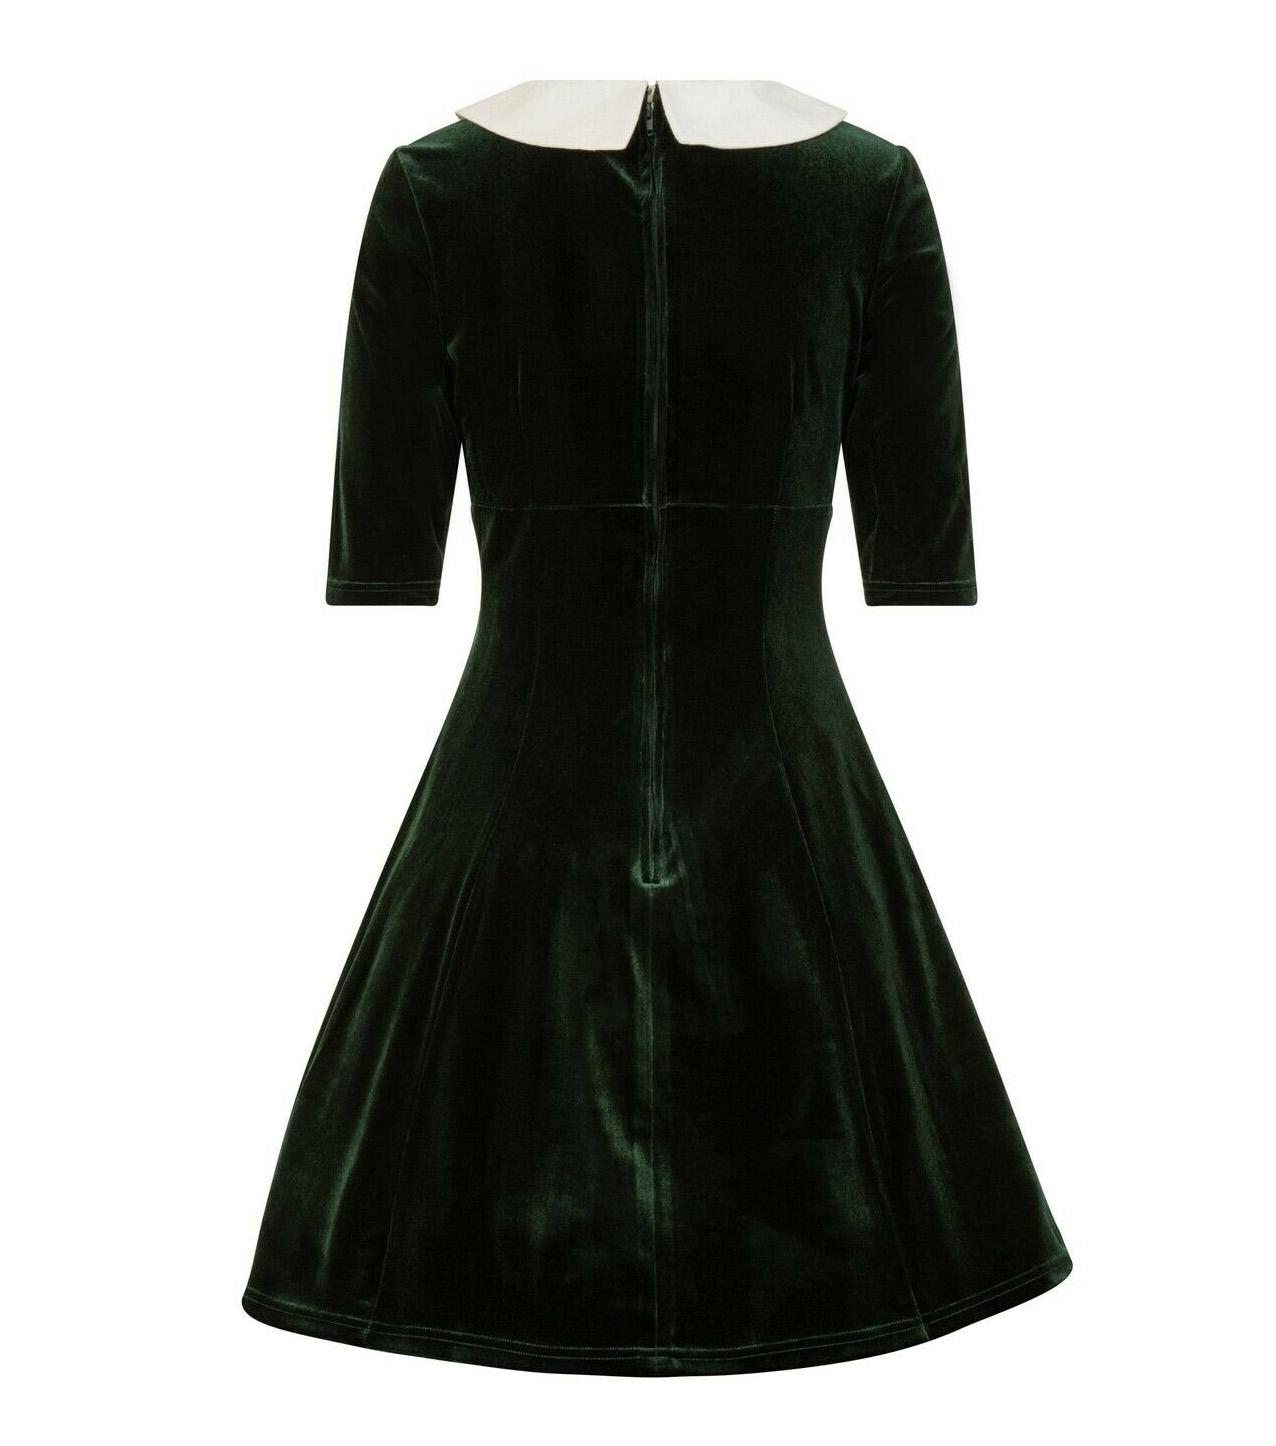 Hell-Bunny-Mini-Skater-Dress-Festive-Christmas-NICOLA-Green-Velvet-All-Sizes thumbnail 9